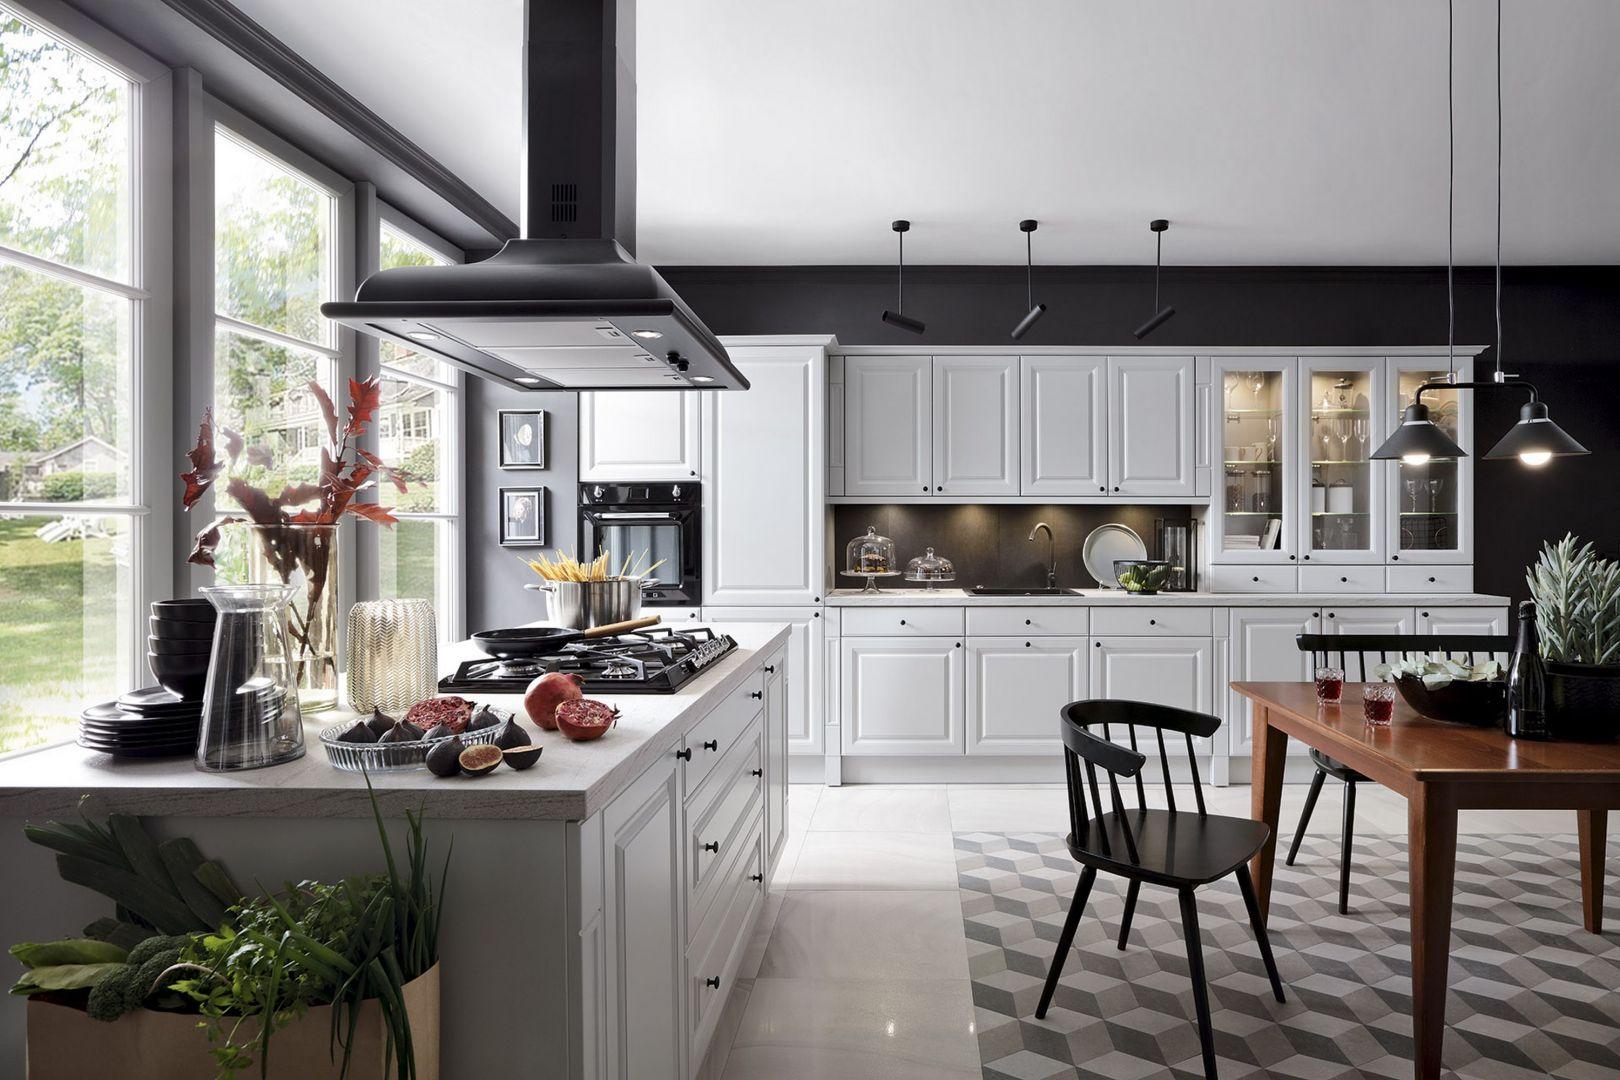 Klasyczna kuchnia w jasnych kolorach: 20 fajnych pomysłów na urządzenie. Fot. BRW